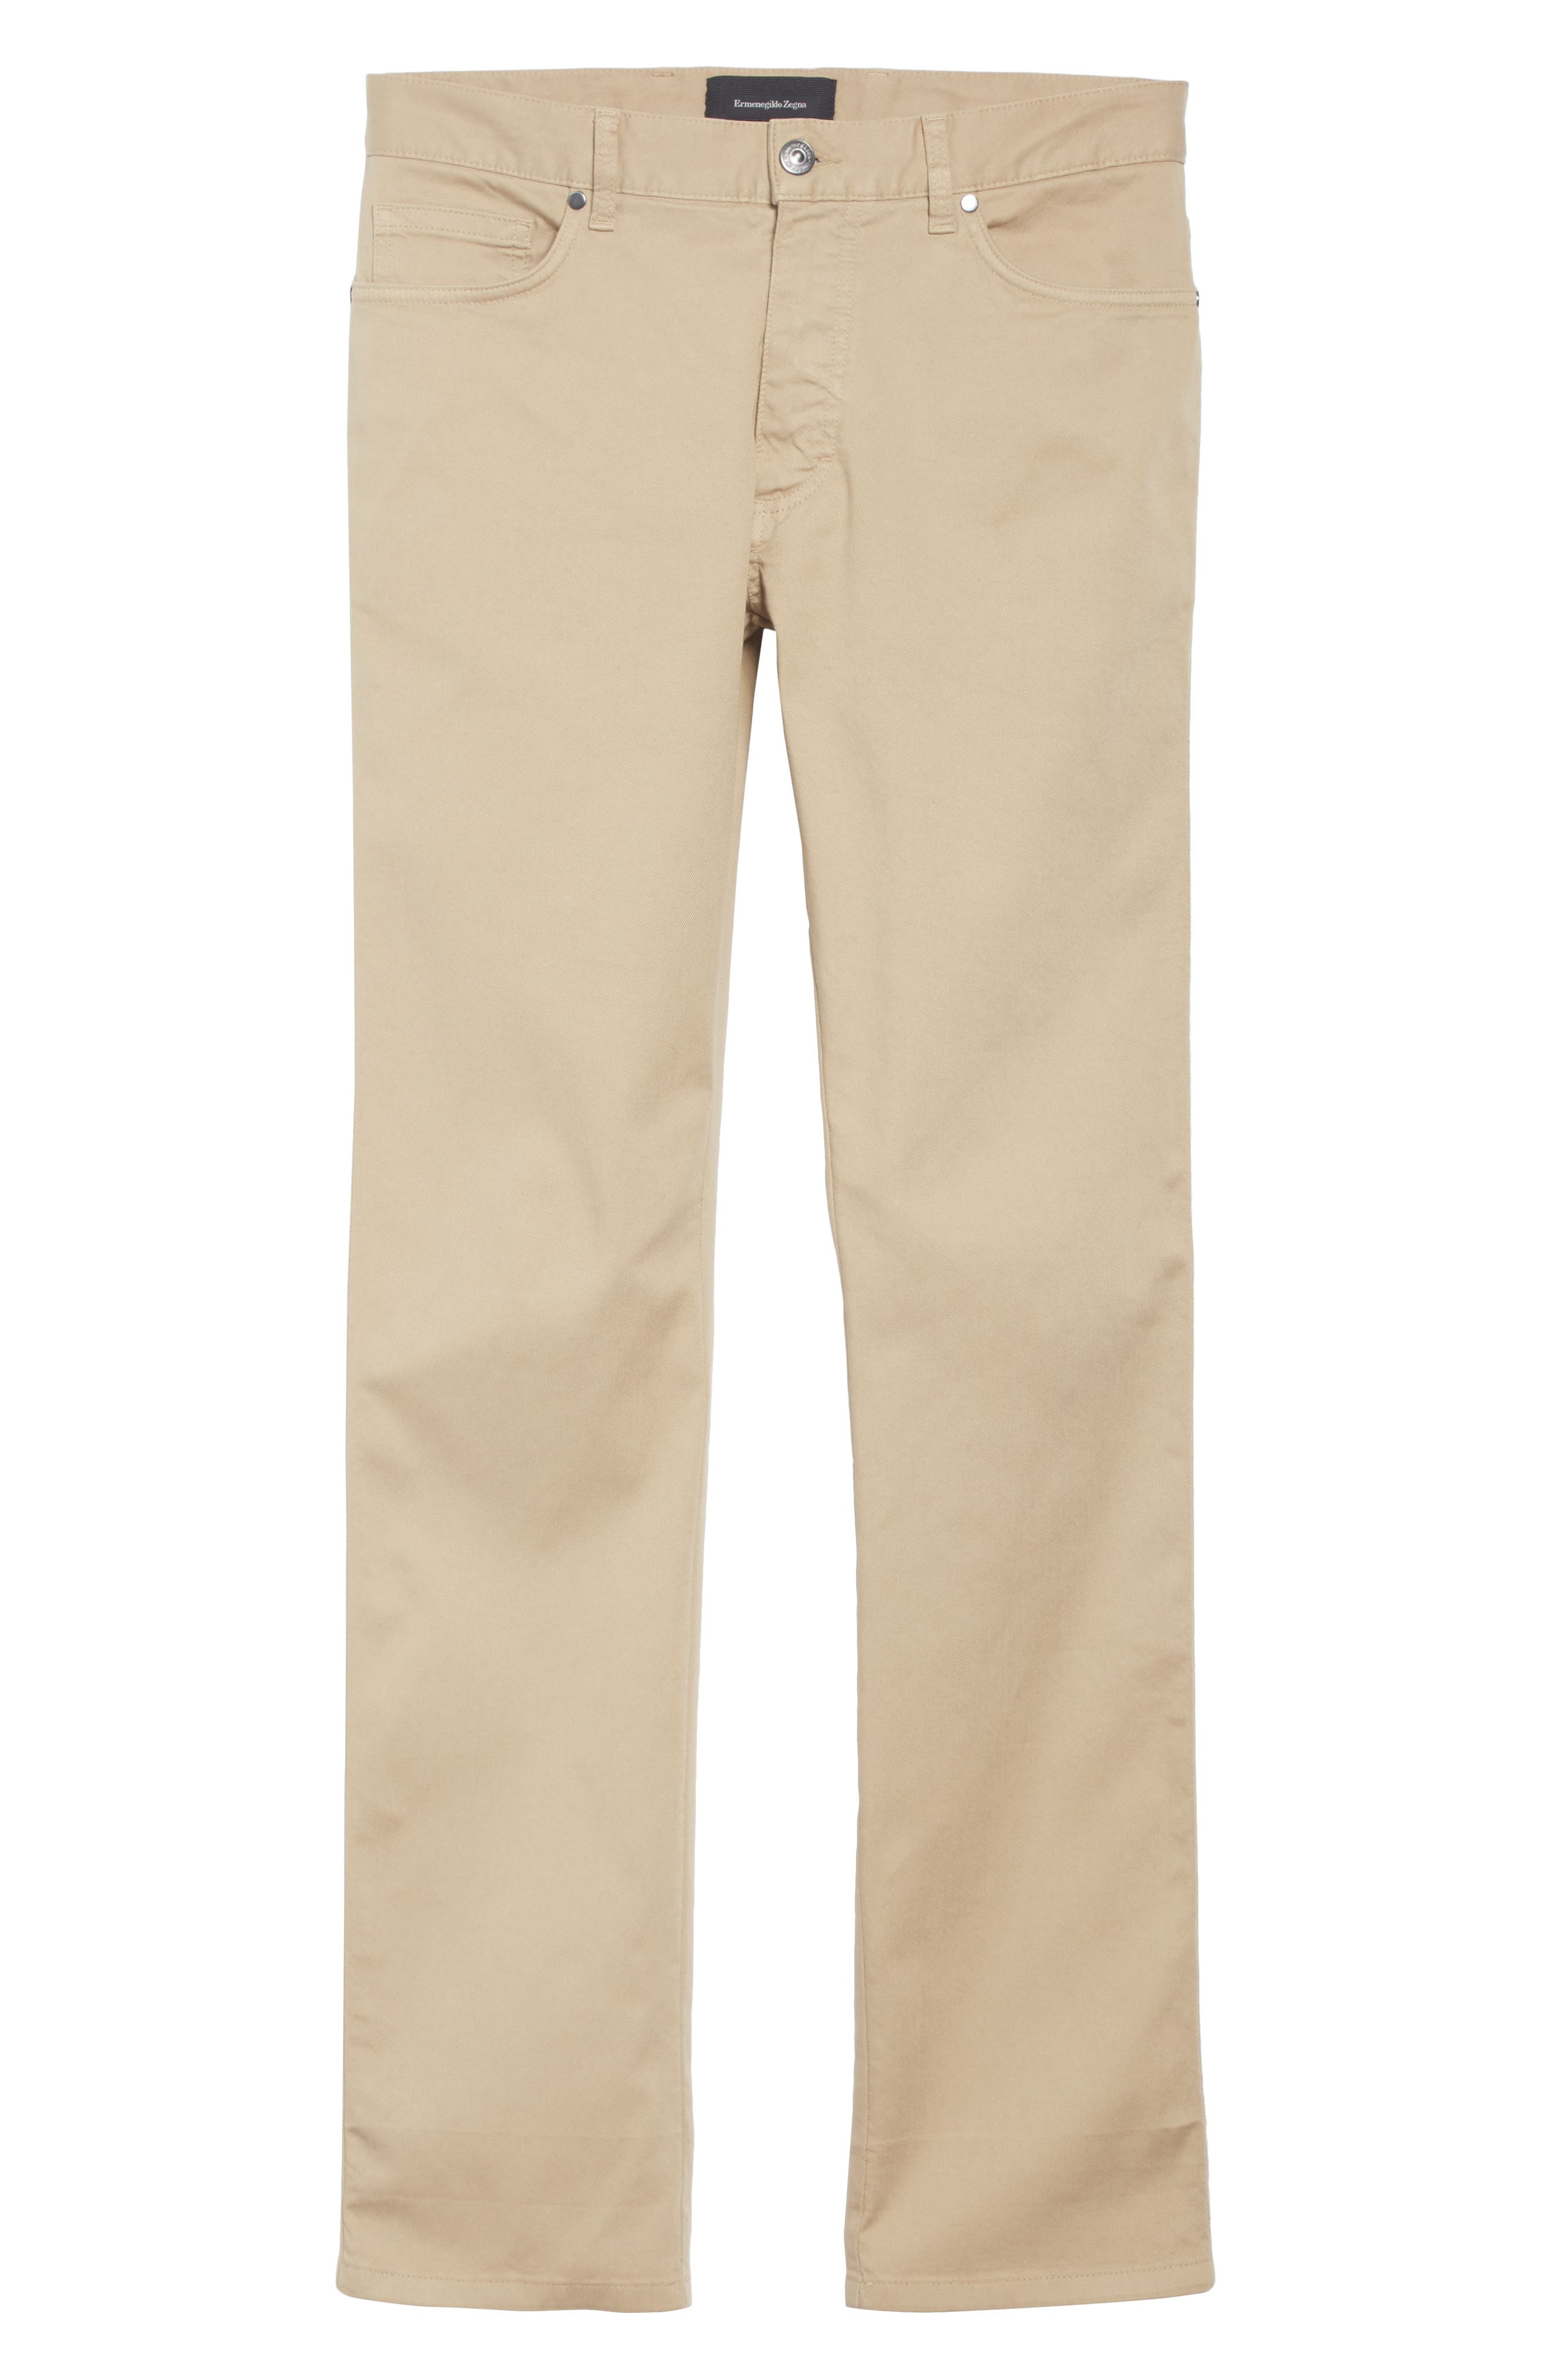 Stretch Cotton Five Pocket Pants,                             Alternate thumbnail 6, color,                             LIGHT BEIGE